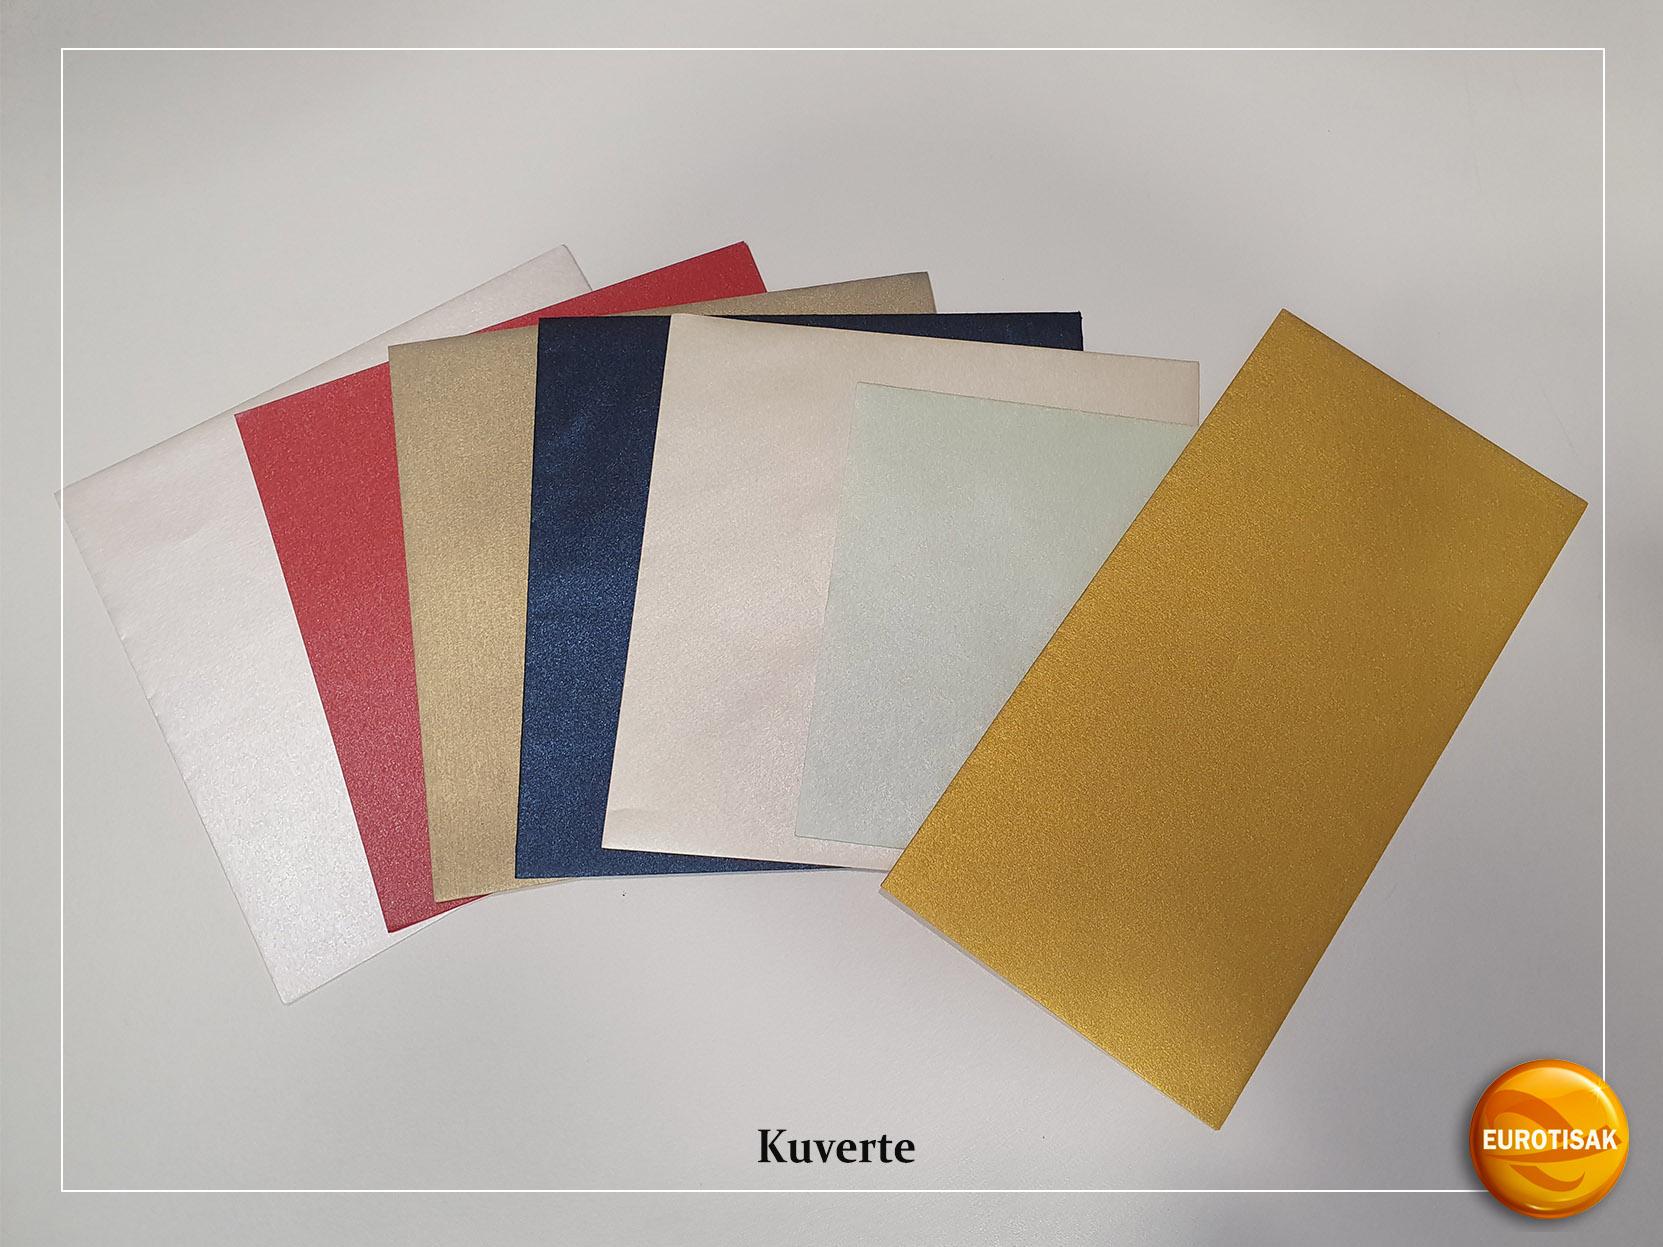 Specijalne kuverte